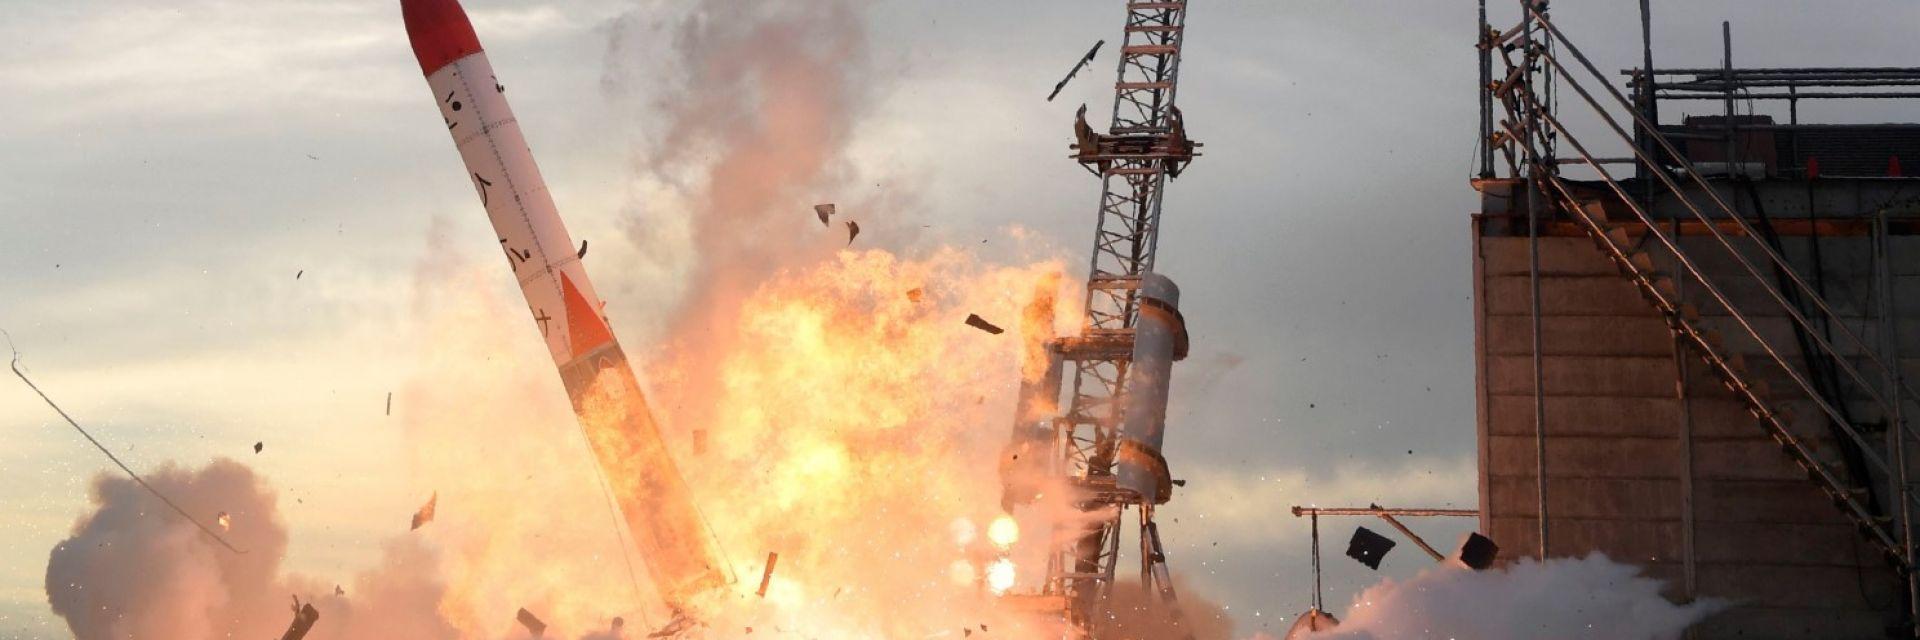 Ракета се взриви при изстрелване на японски космодрум (видео)